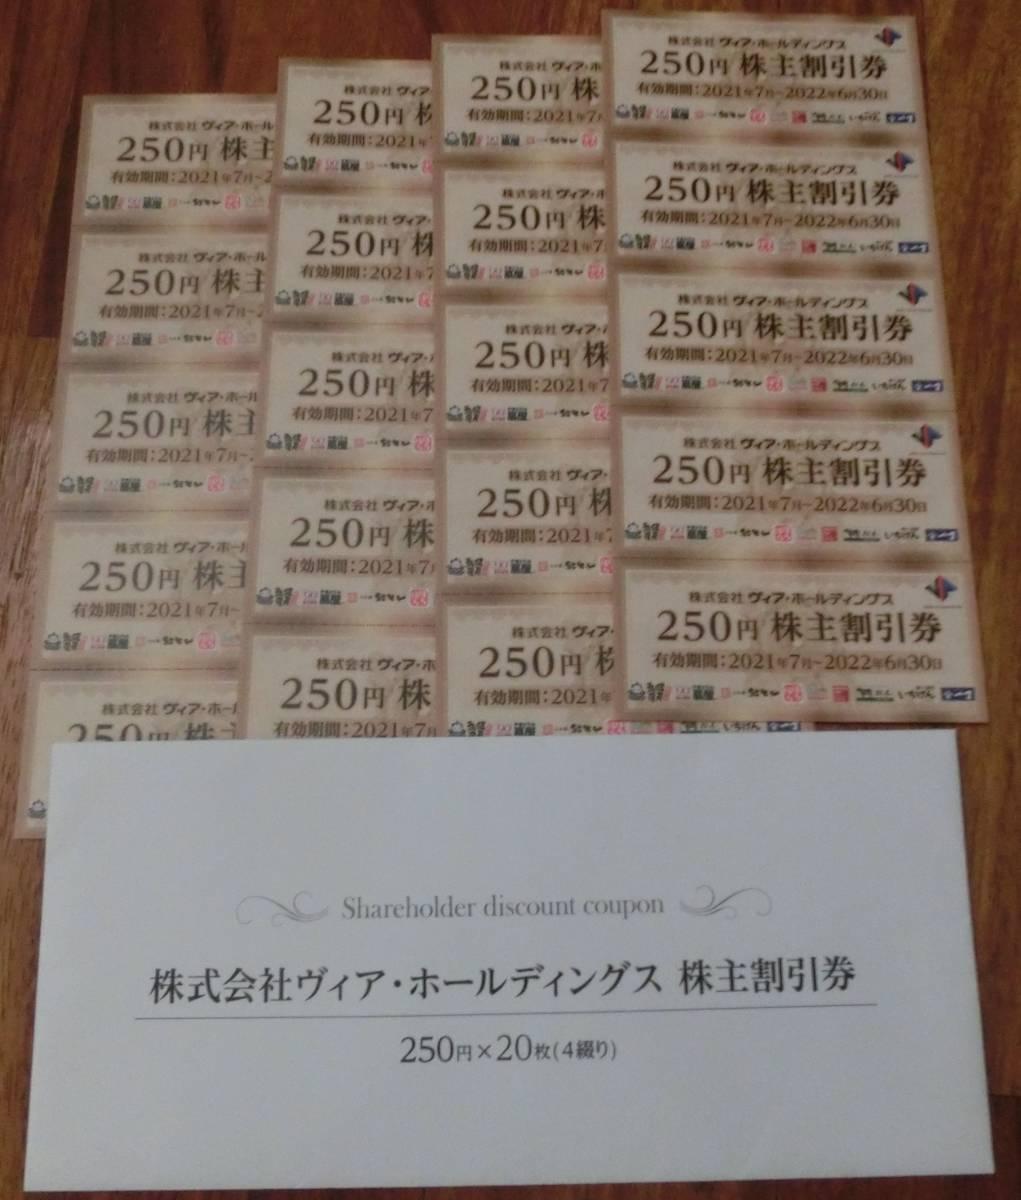 [送料無料] ヴィア ホールディングス 株主優待割引券 5,000円分(250円割引券 x 20枚) 有効期限 2022年6月30日_画像1